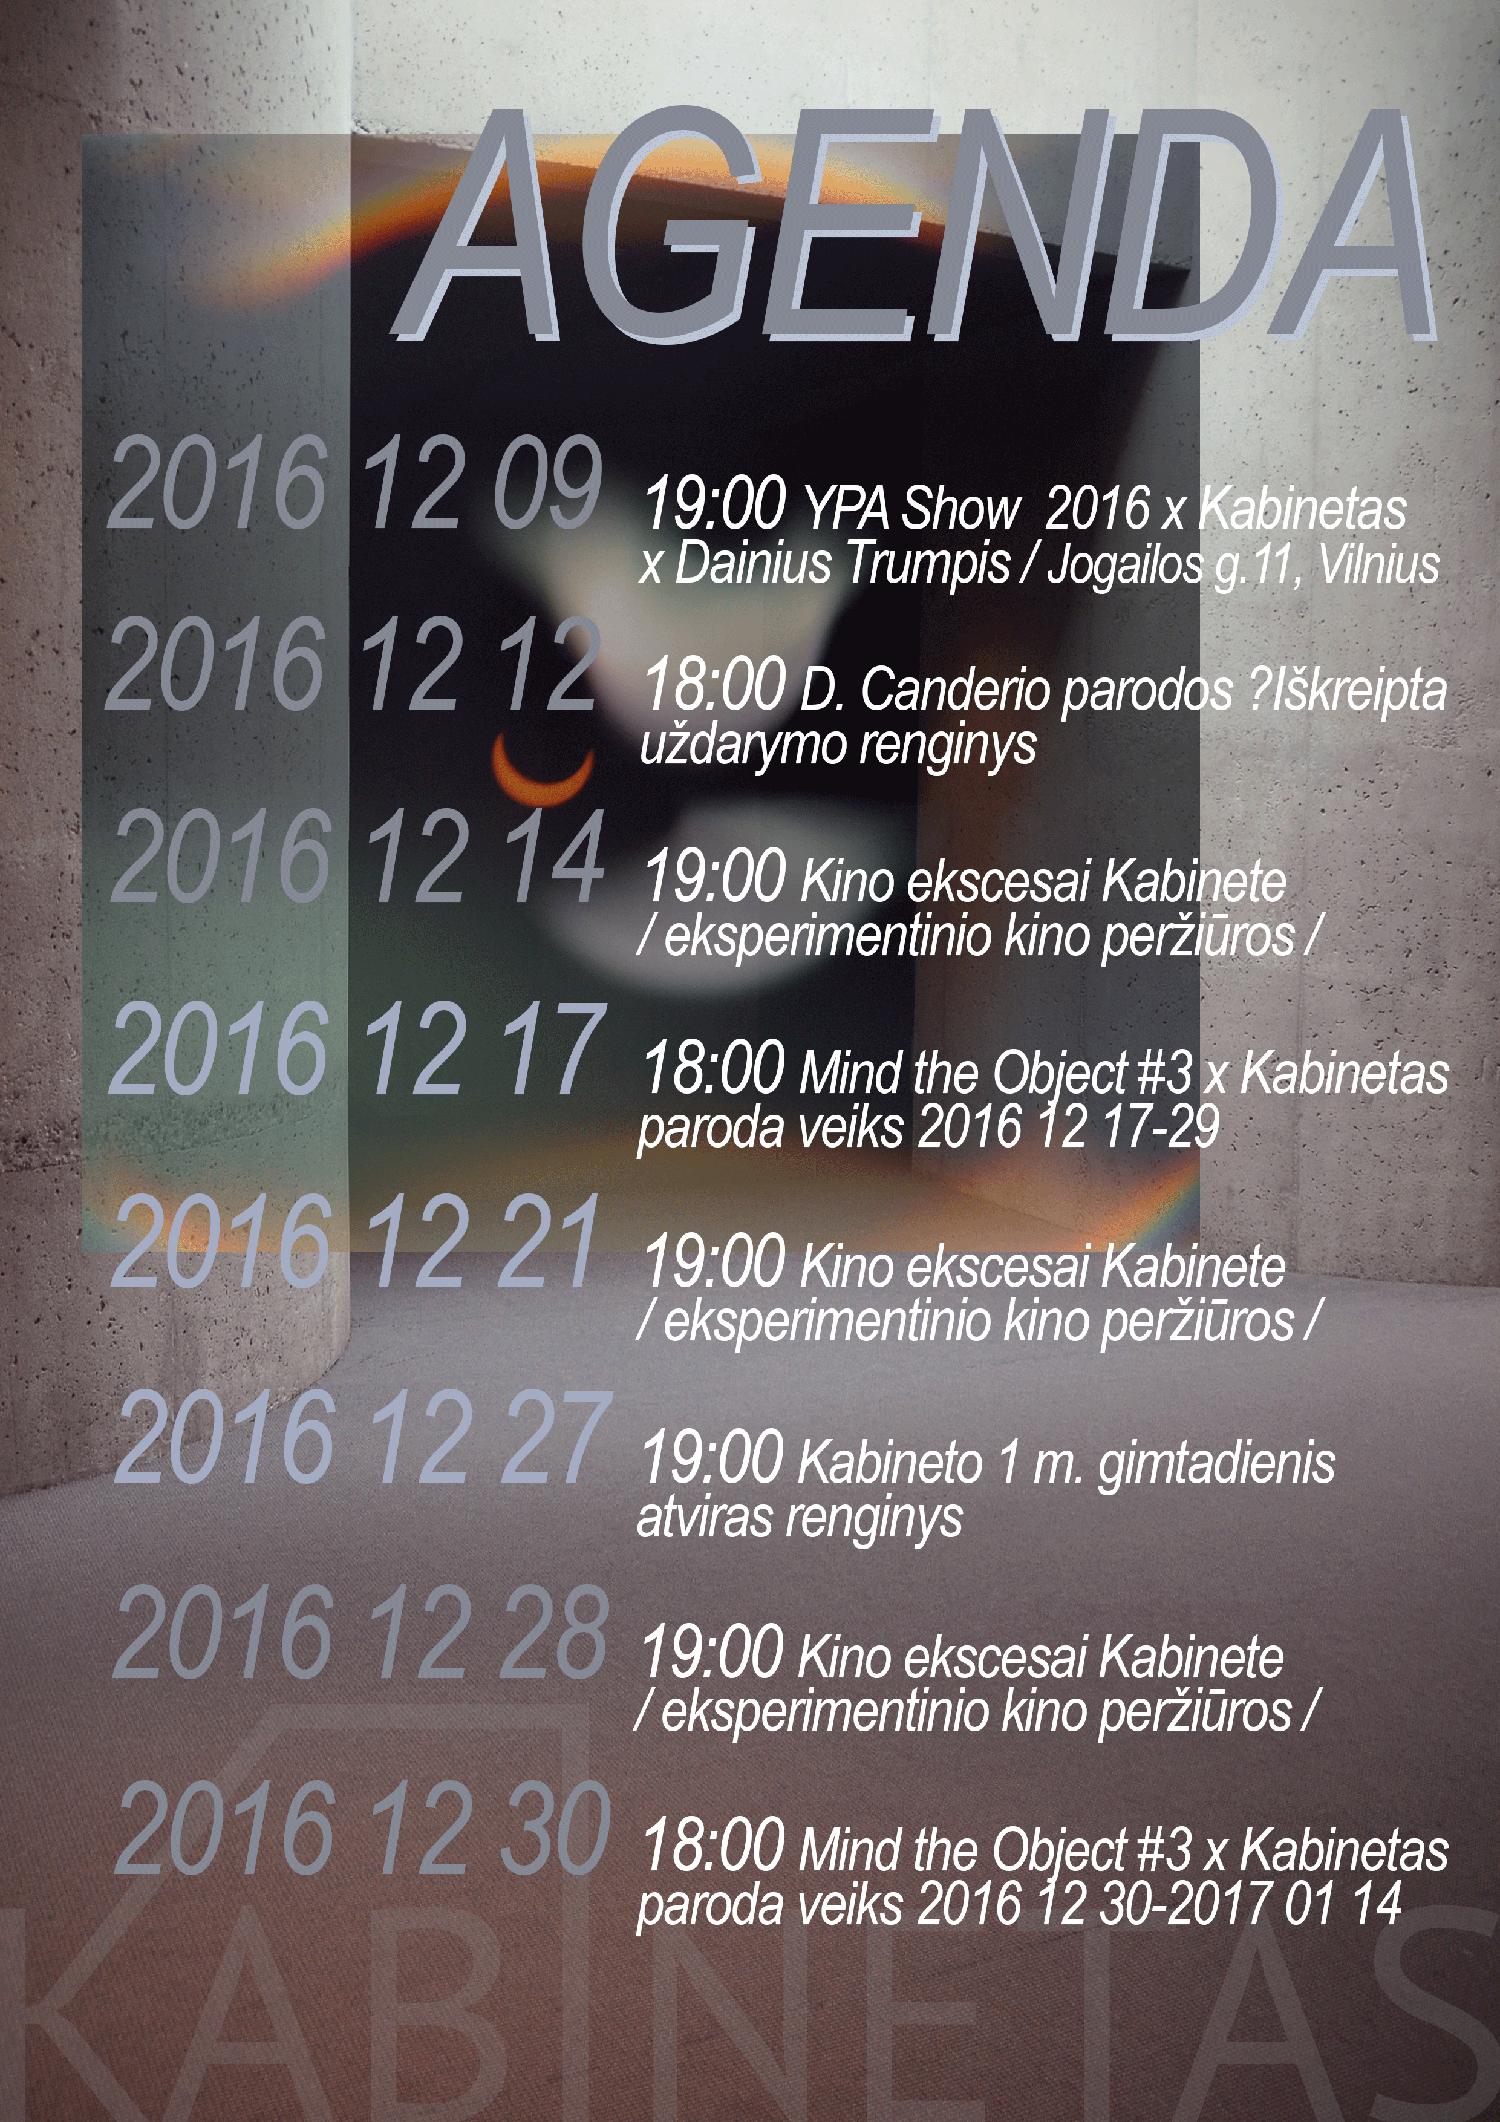 agenda-2016-12